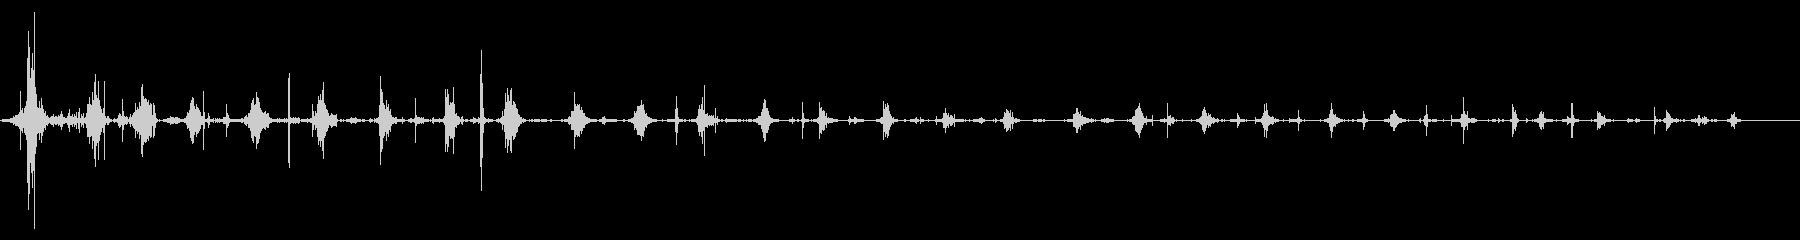 ポテトチップス:ファーストチューイ...の未再生の波形